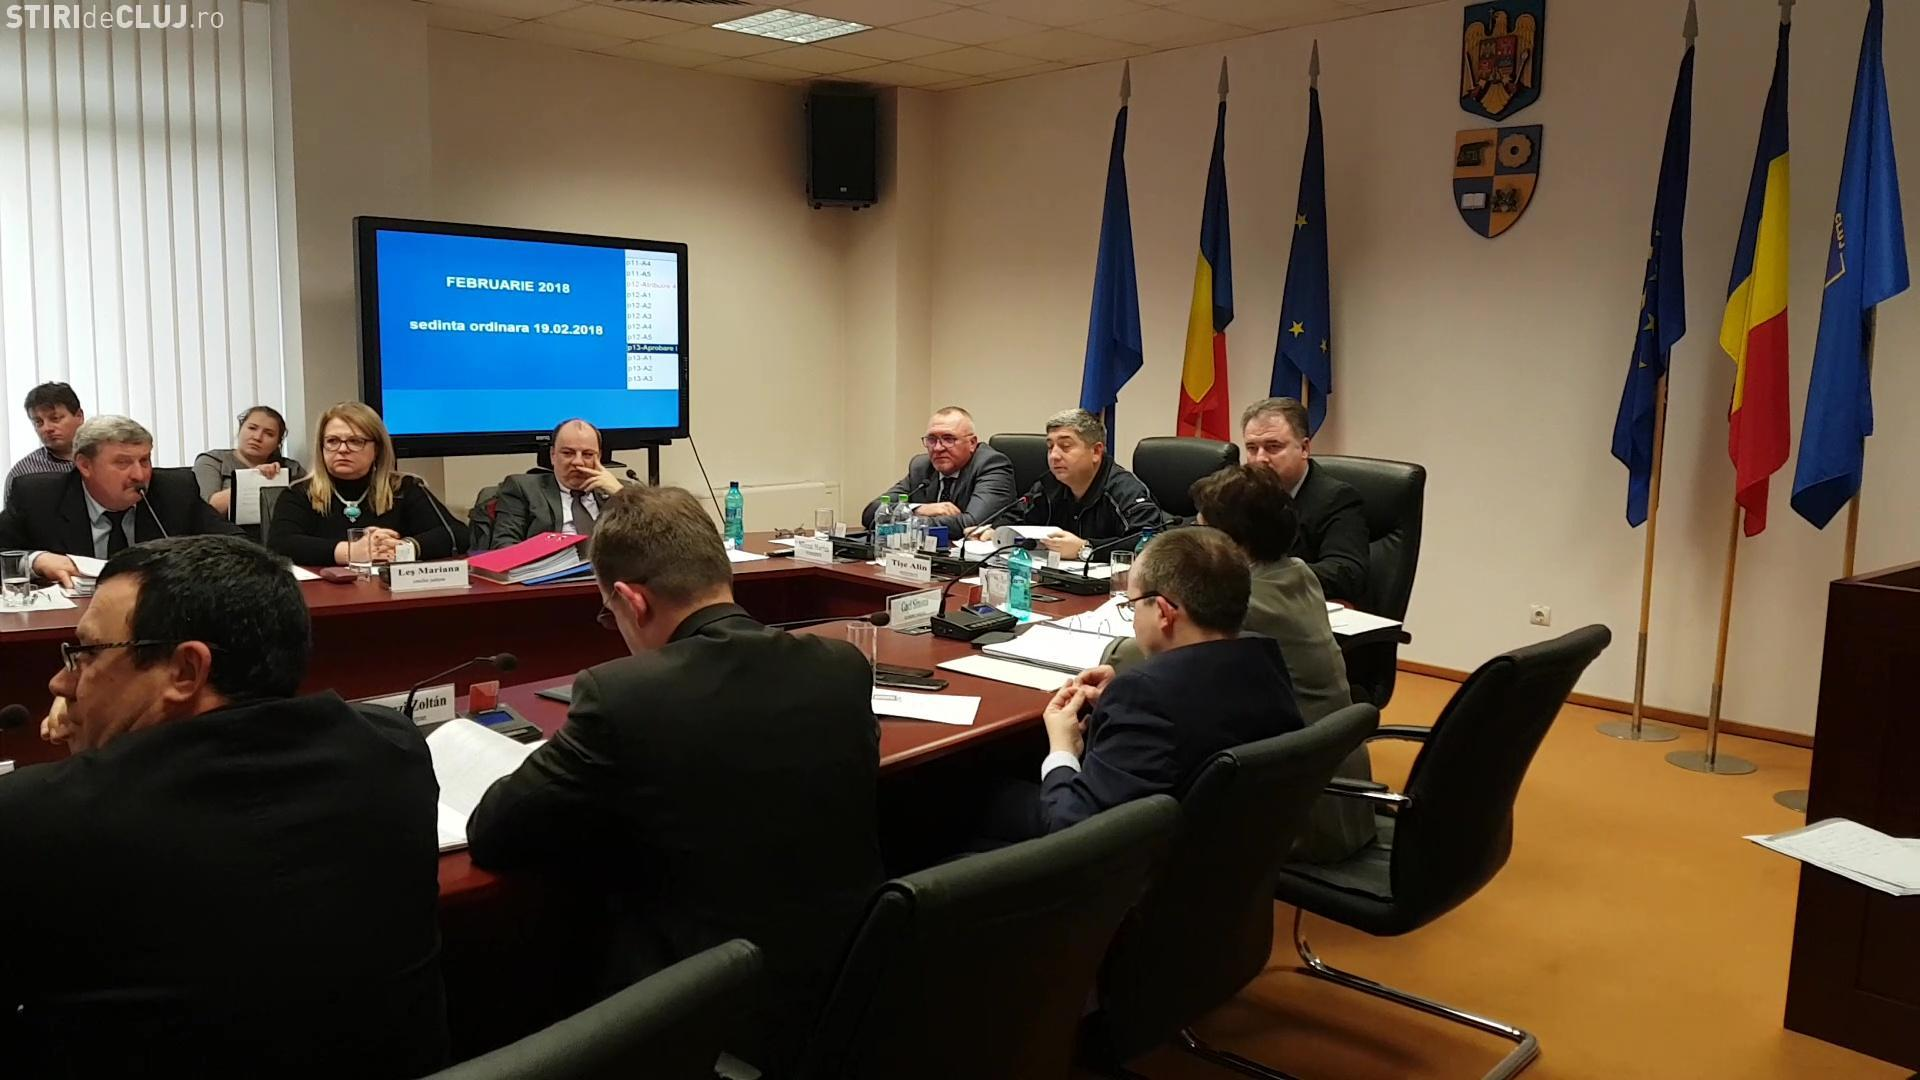 Se cere schimbarea lui Tișe din funcția de președinte al CJ Cluj. Acuzațiile sunt DURE